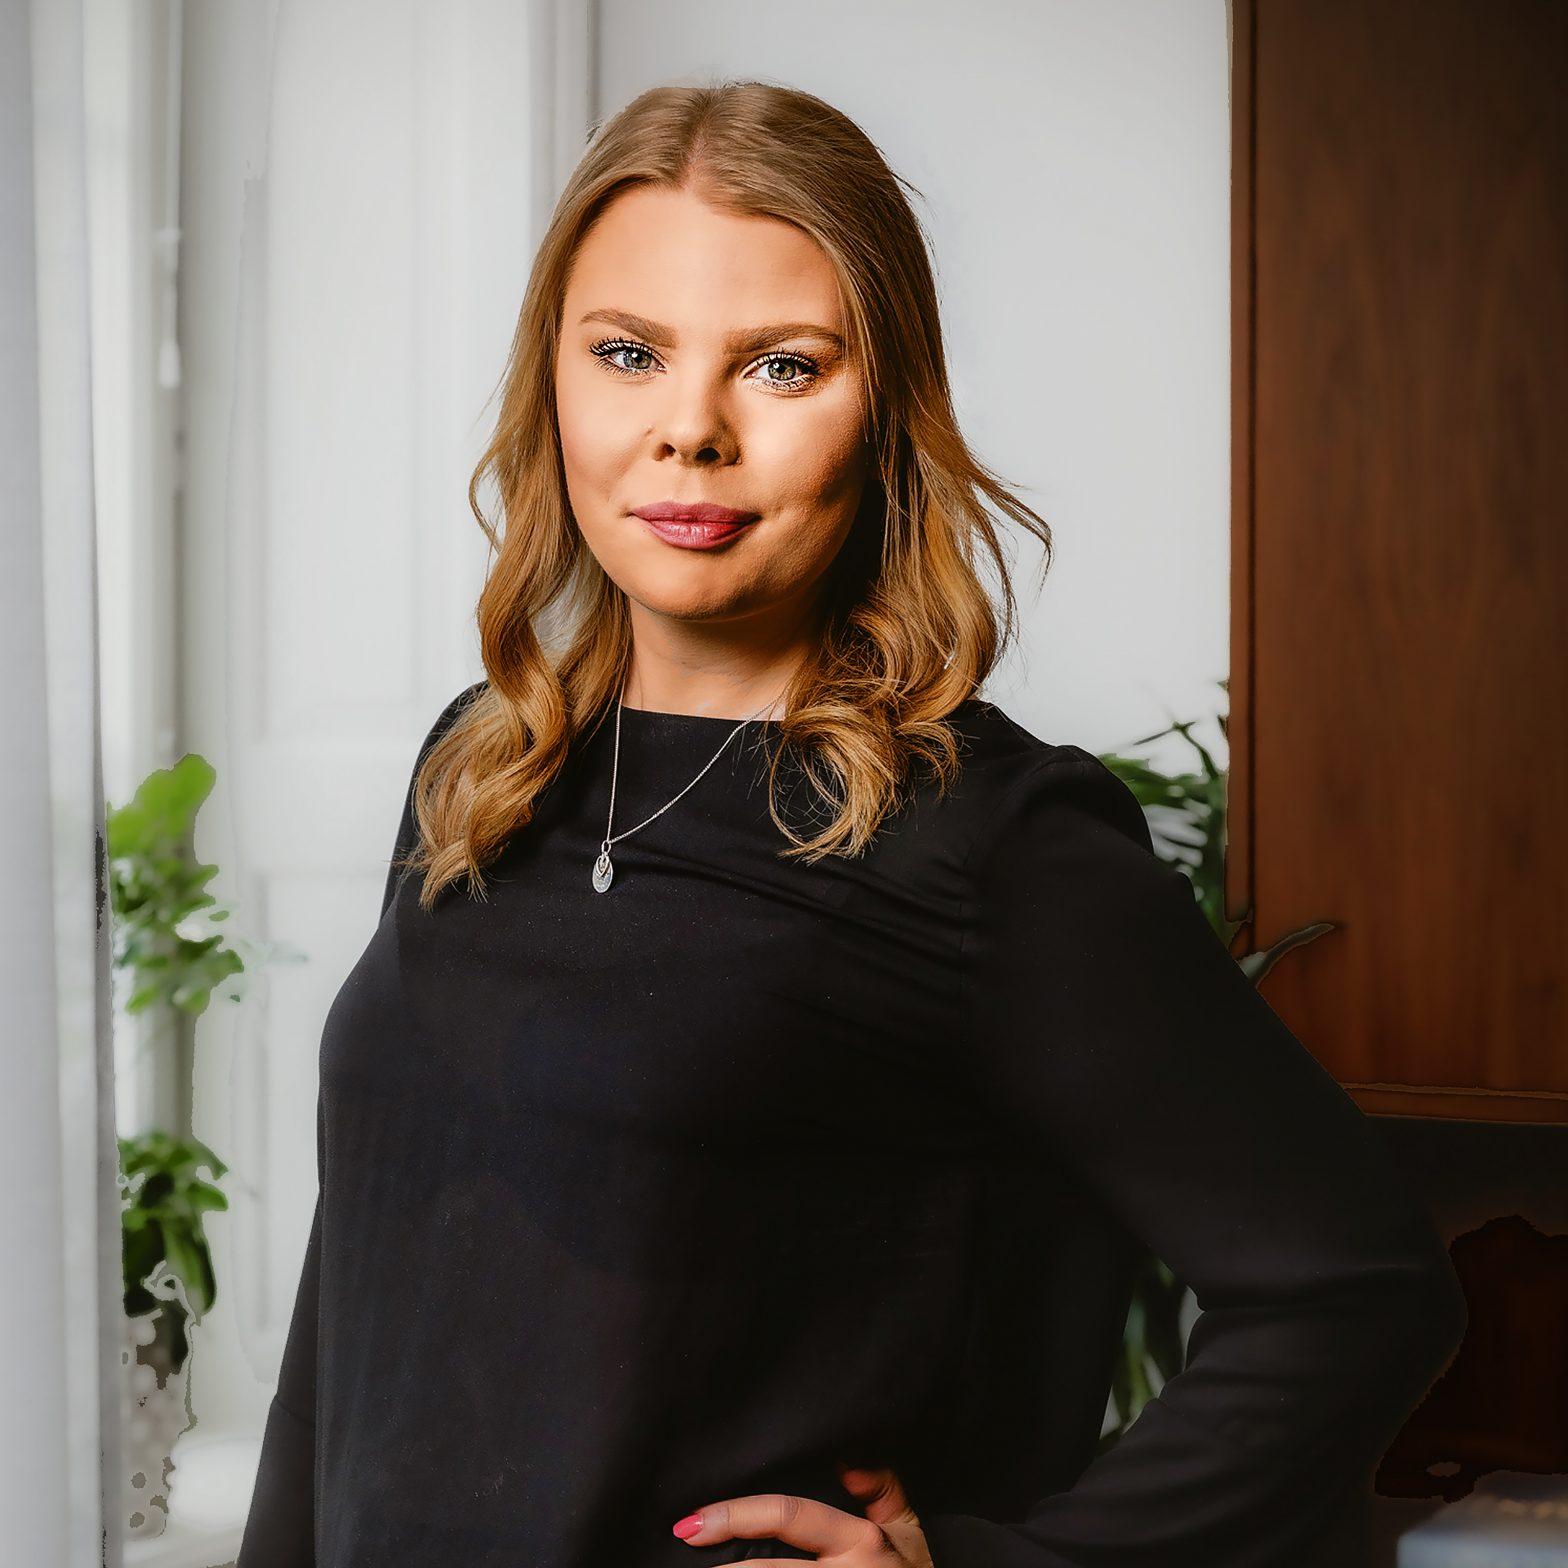 Emelie Ekblad